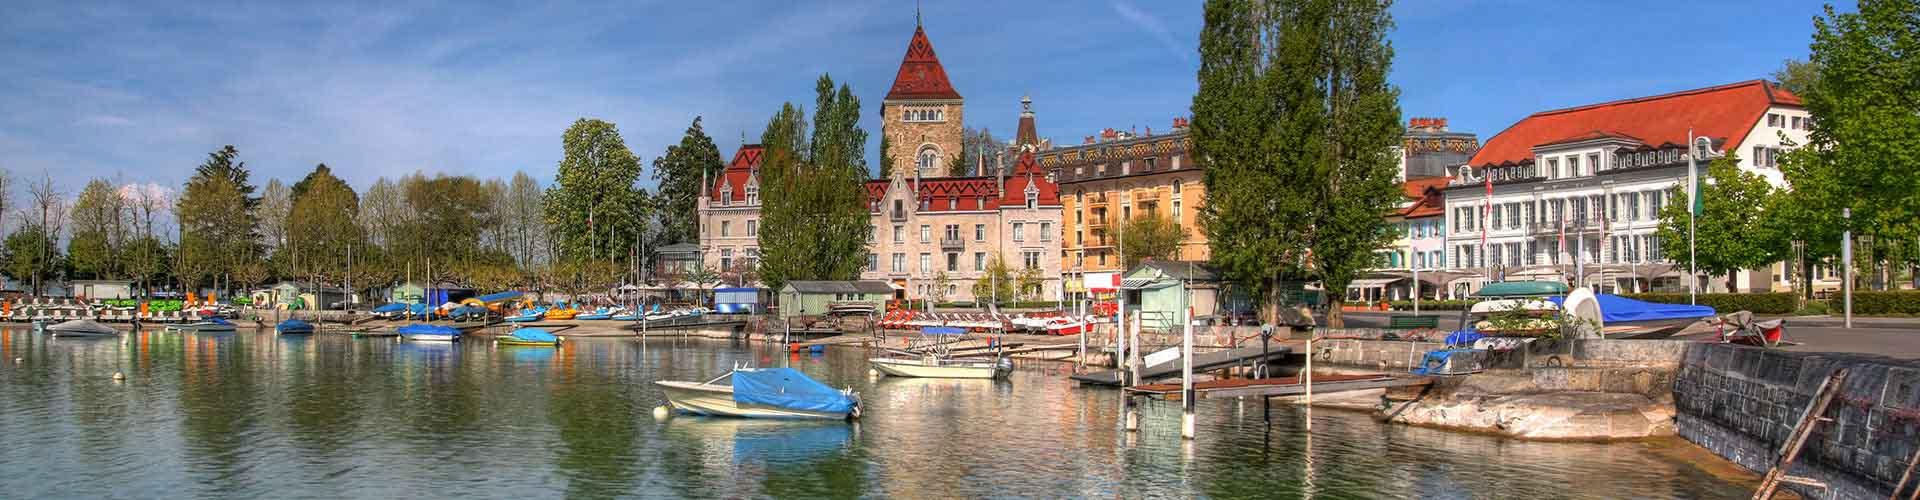 Lozanna - Hostele w mieście: Lozanna, Mapy: Lozanna, Zdjęcia i Recenzje dla każdego hostelu w mieście Lozanna.